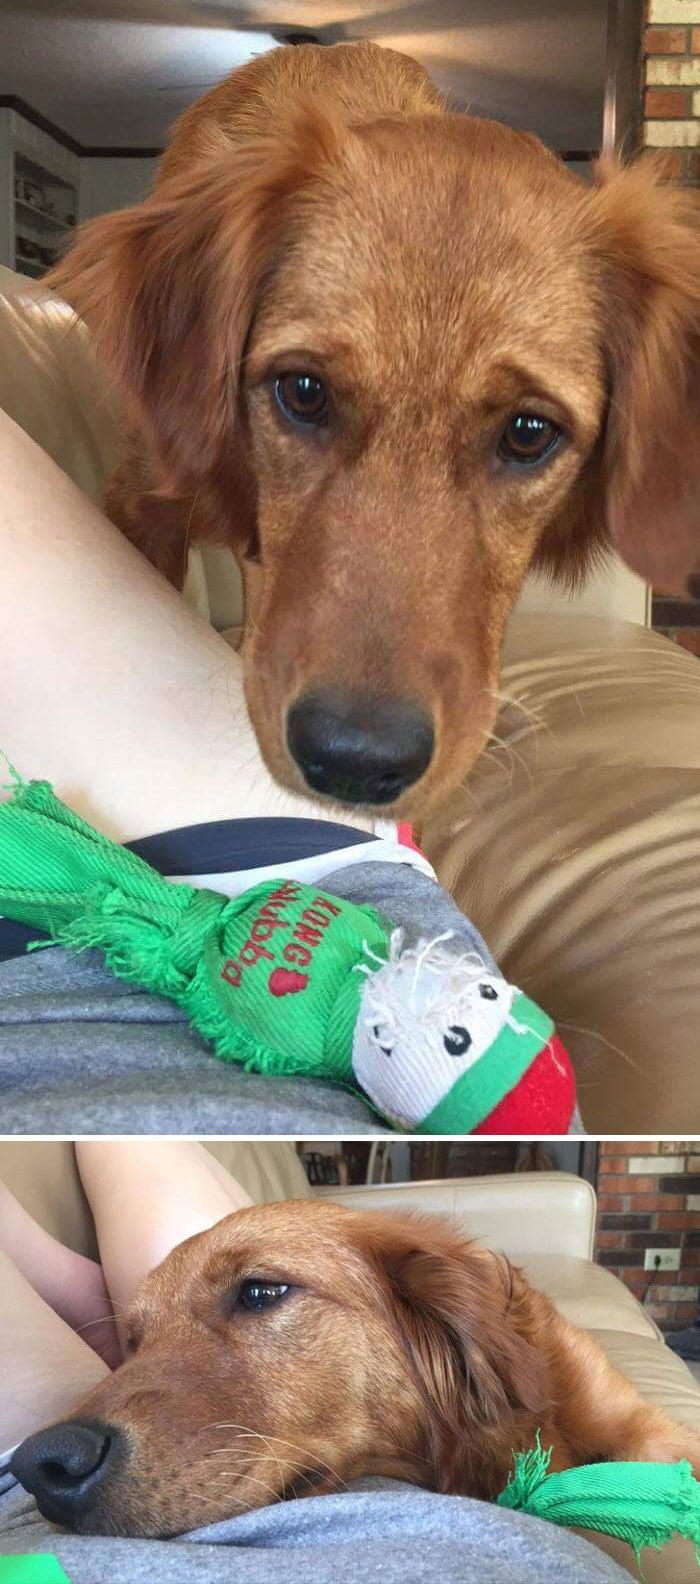 Собака моей подруги знала, что она плохо себя чувствует, поэтому она принесла ей игрушку